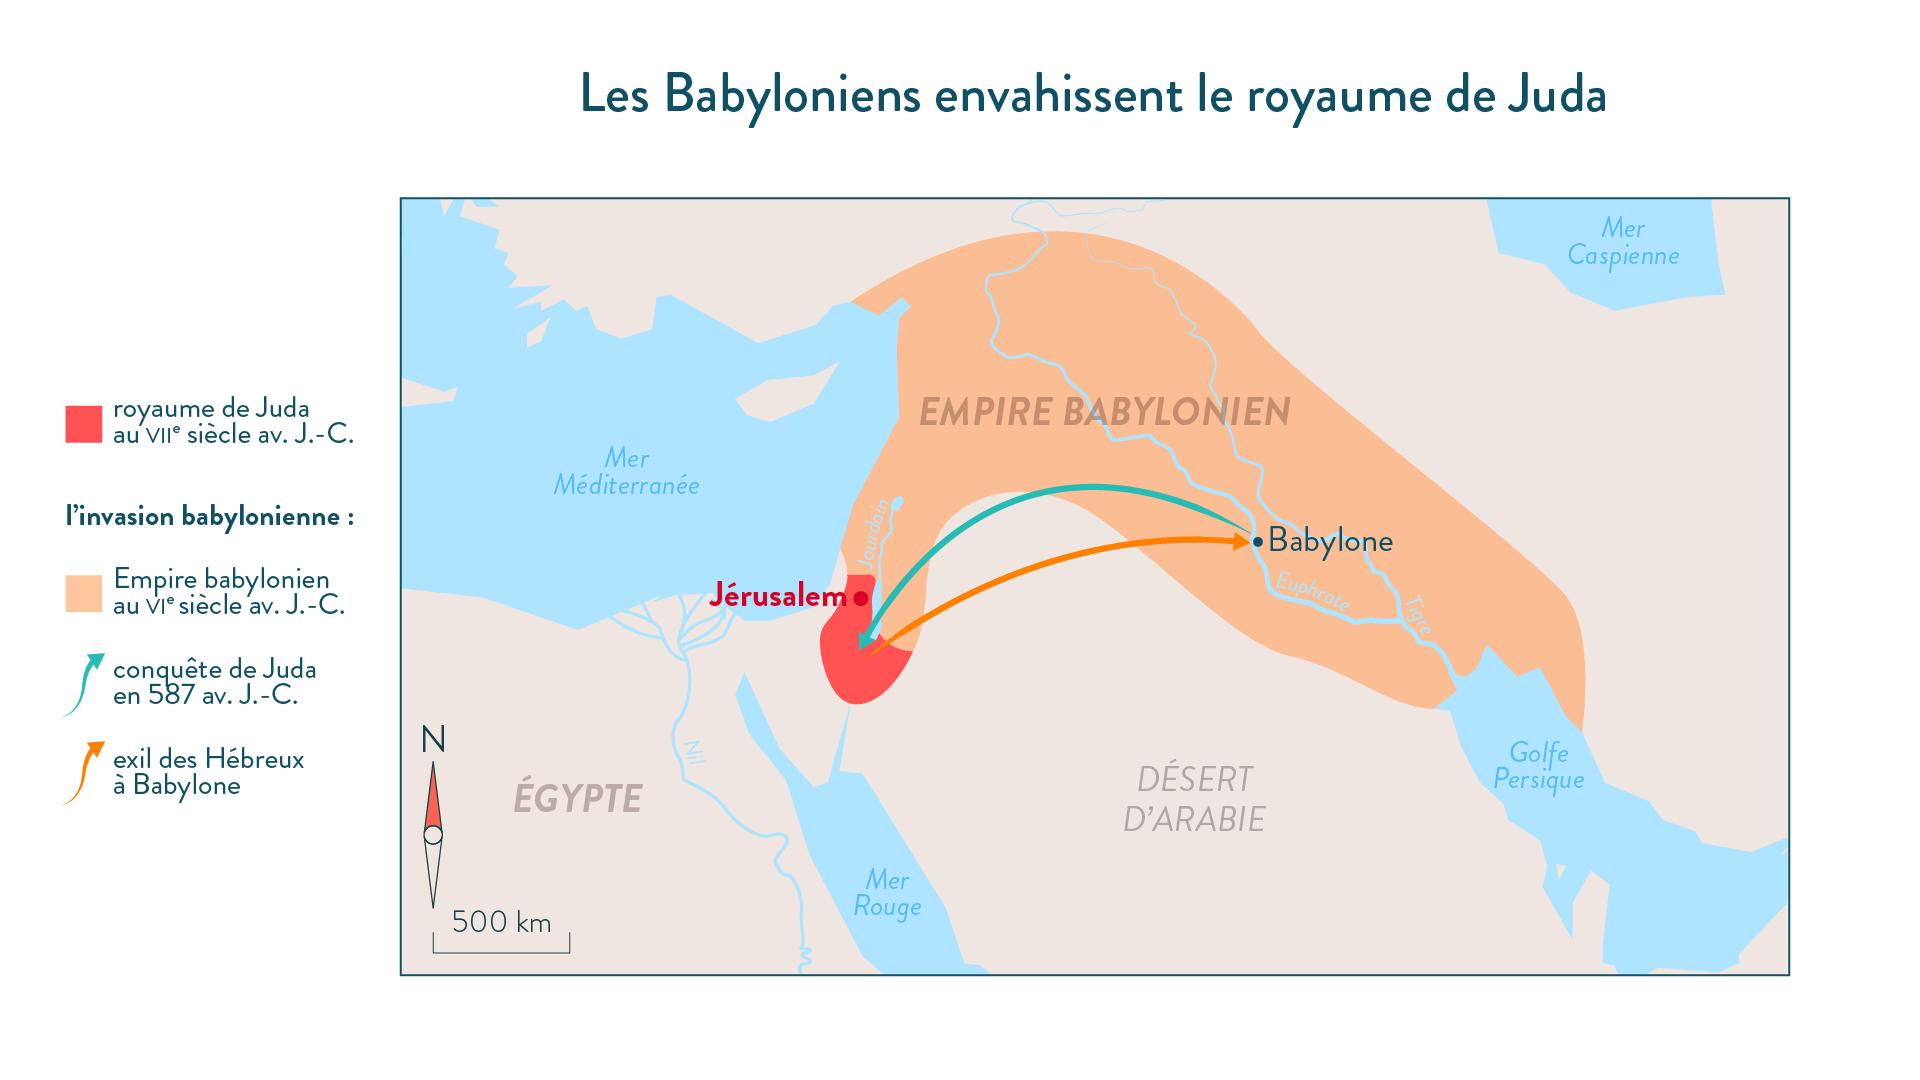 Les Babyloniens envahissent le royaume de Juda (en 587 avant J.-C.)-histoire-6e